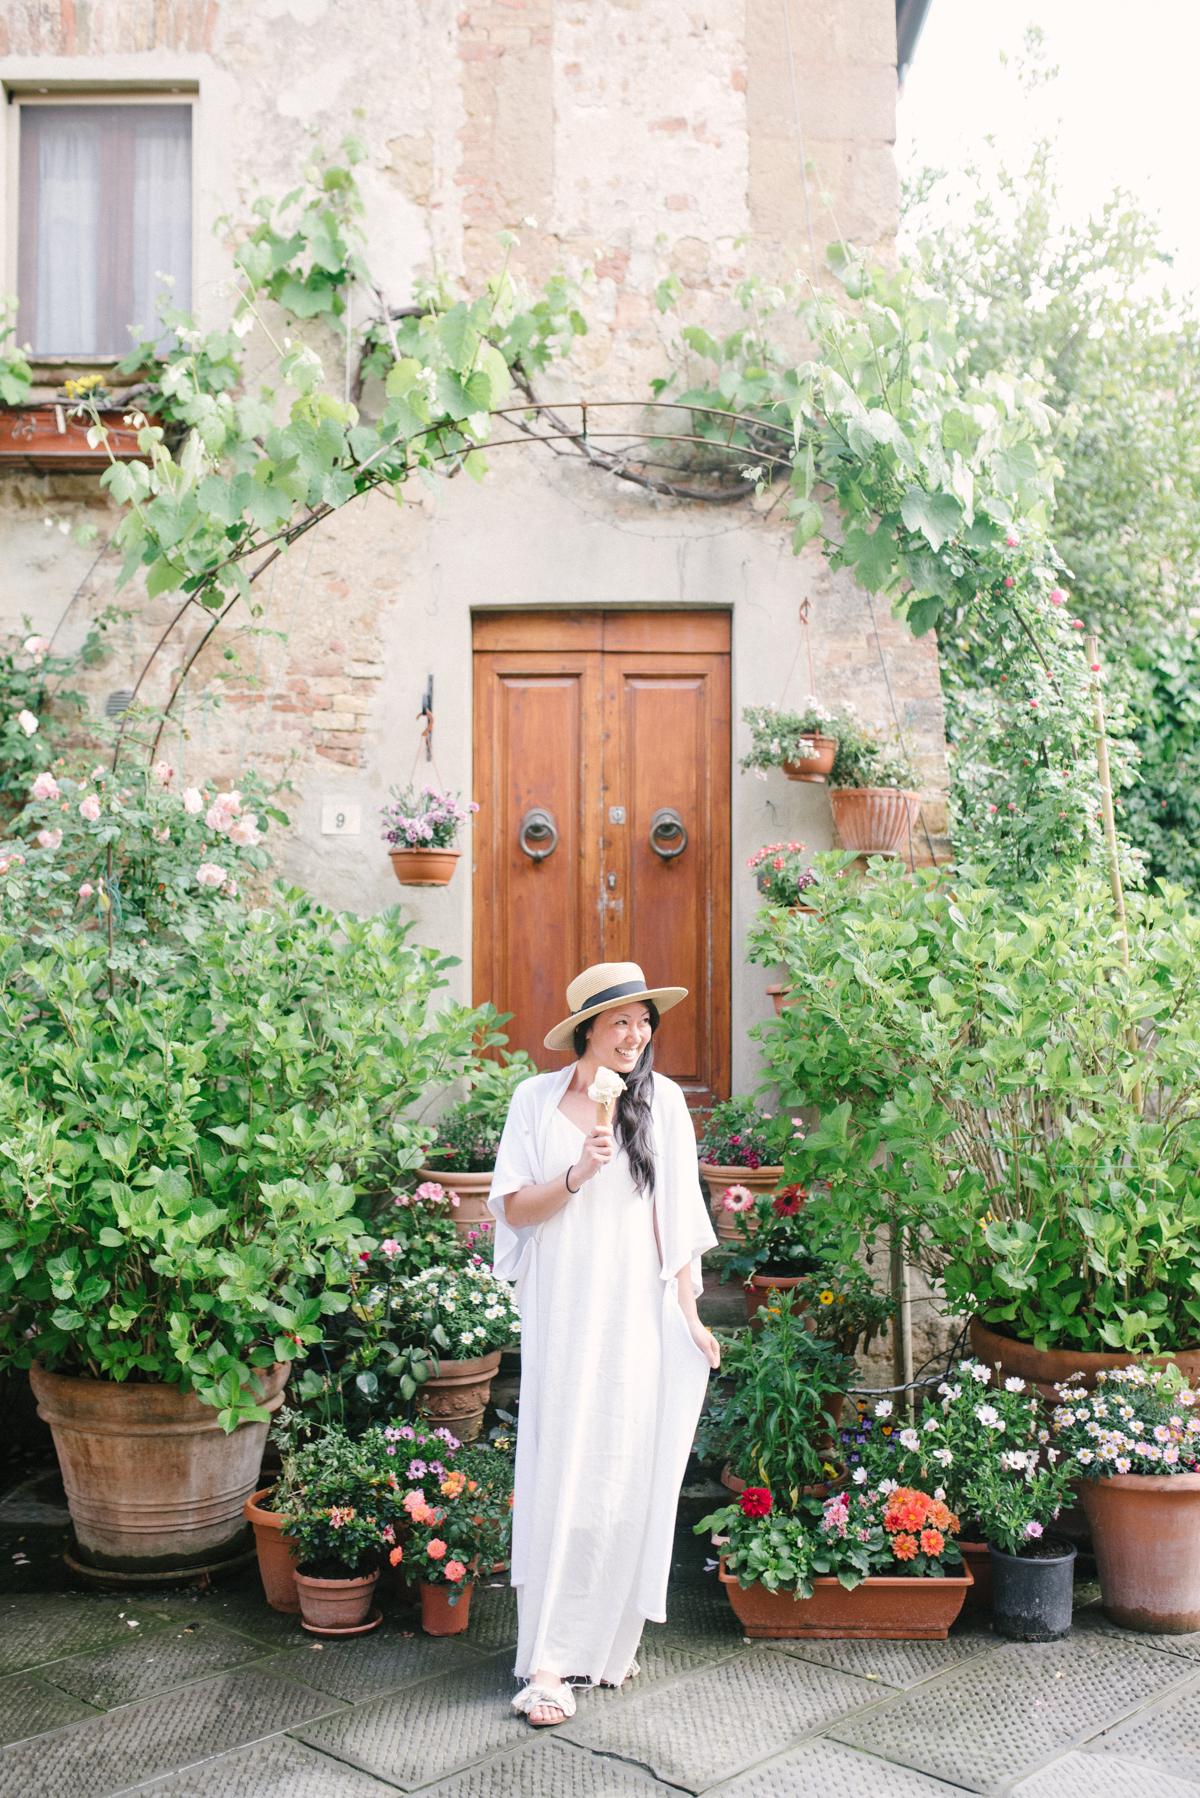 Eva Lin Photography Italy 2018 -153.jpg